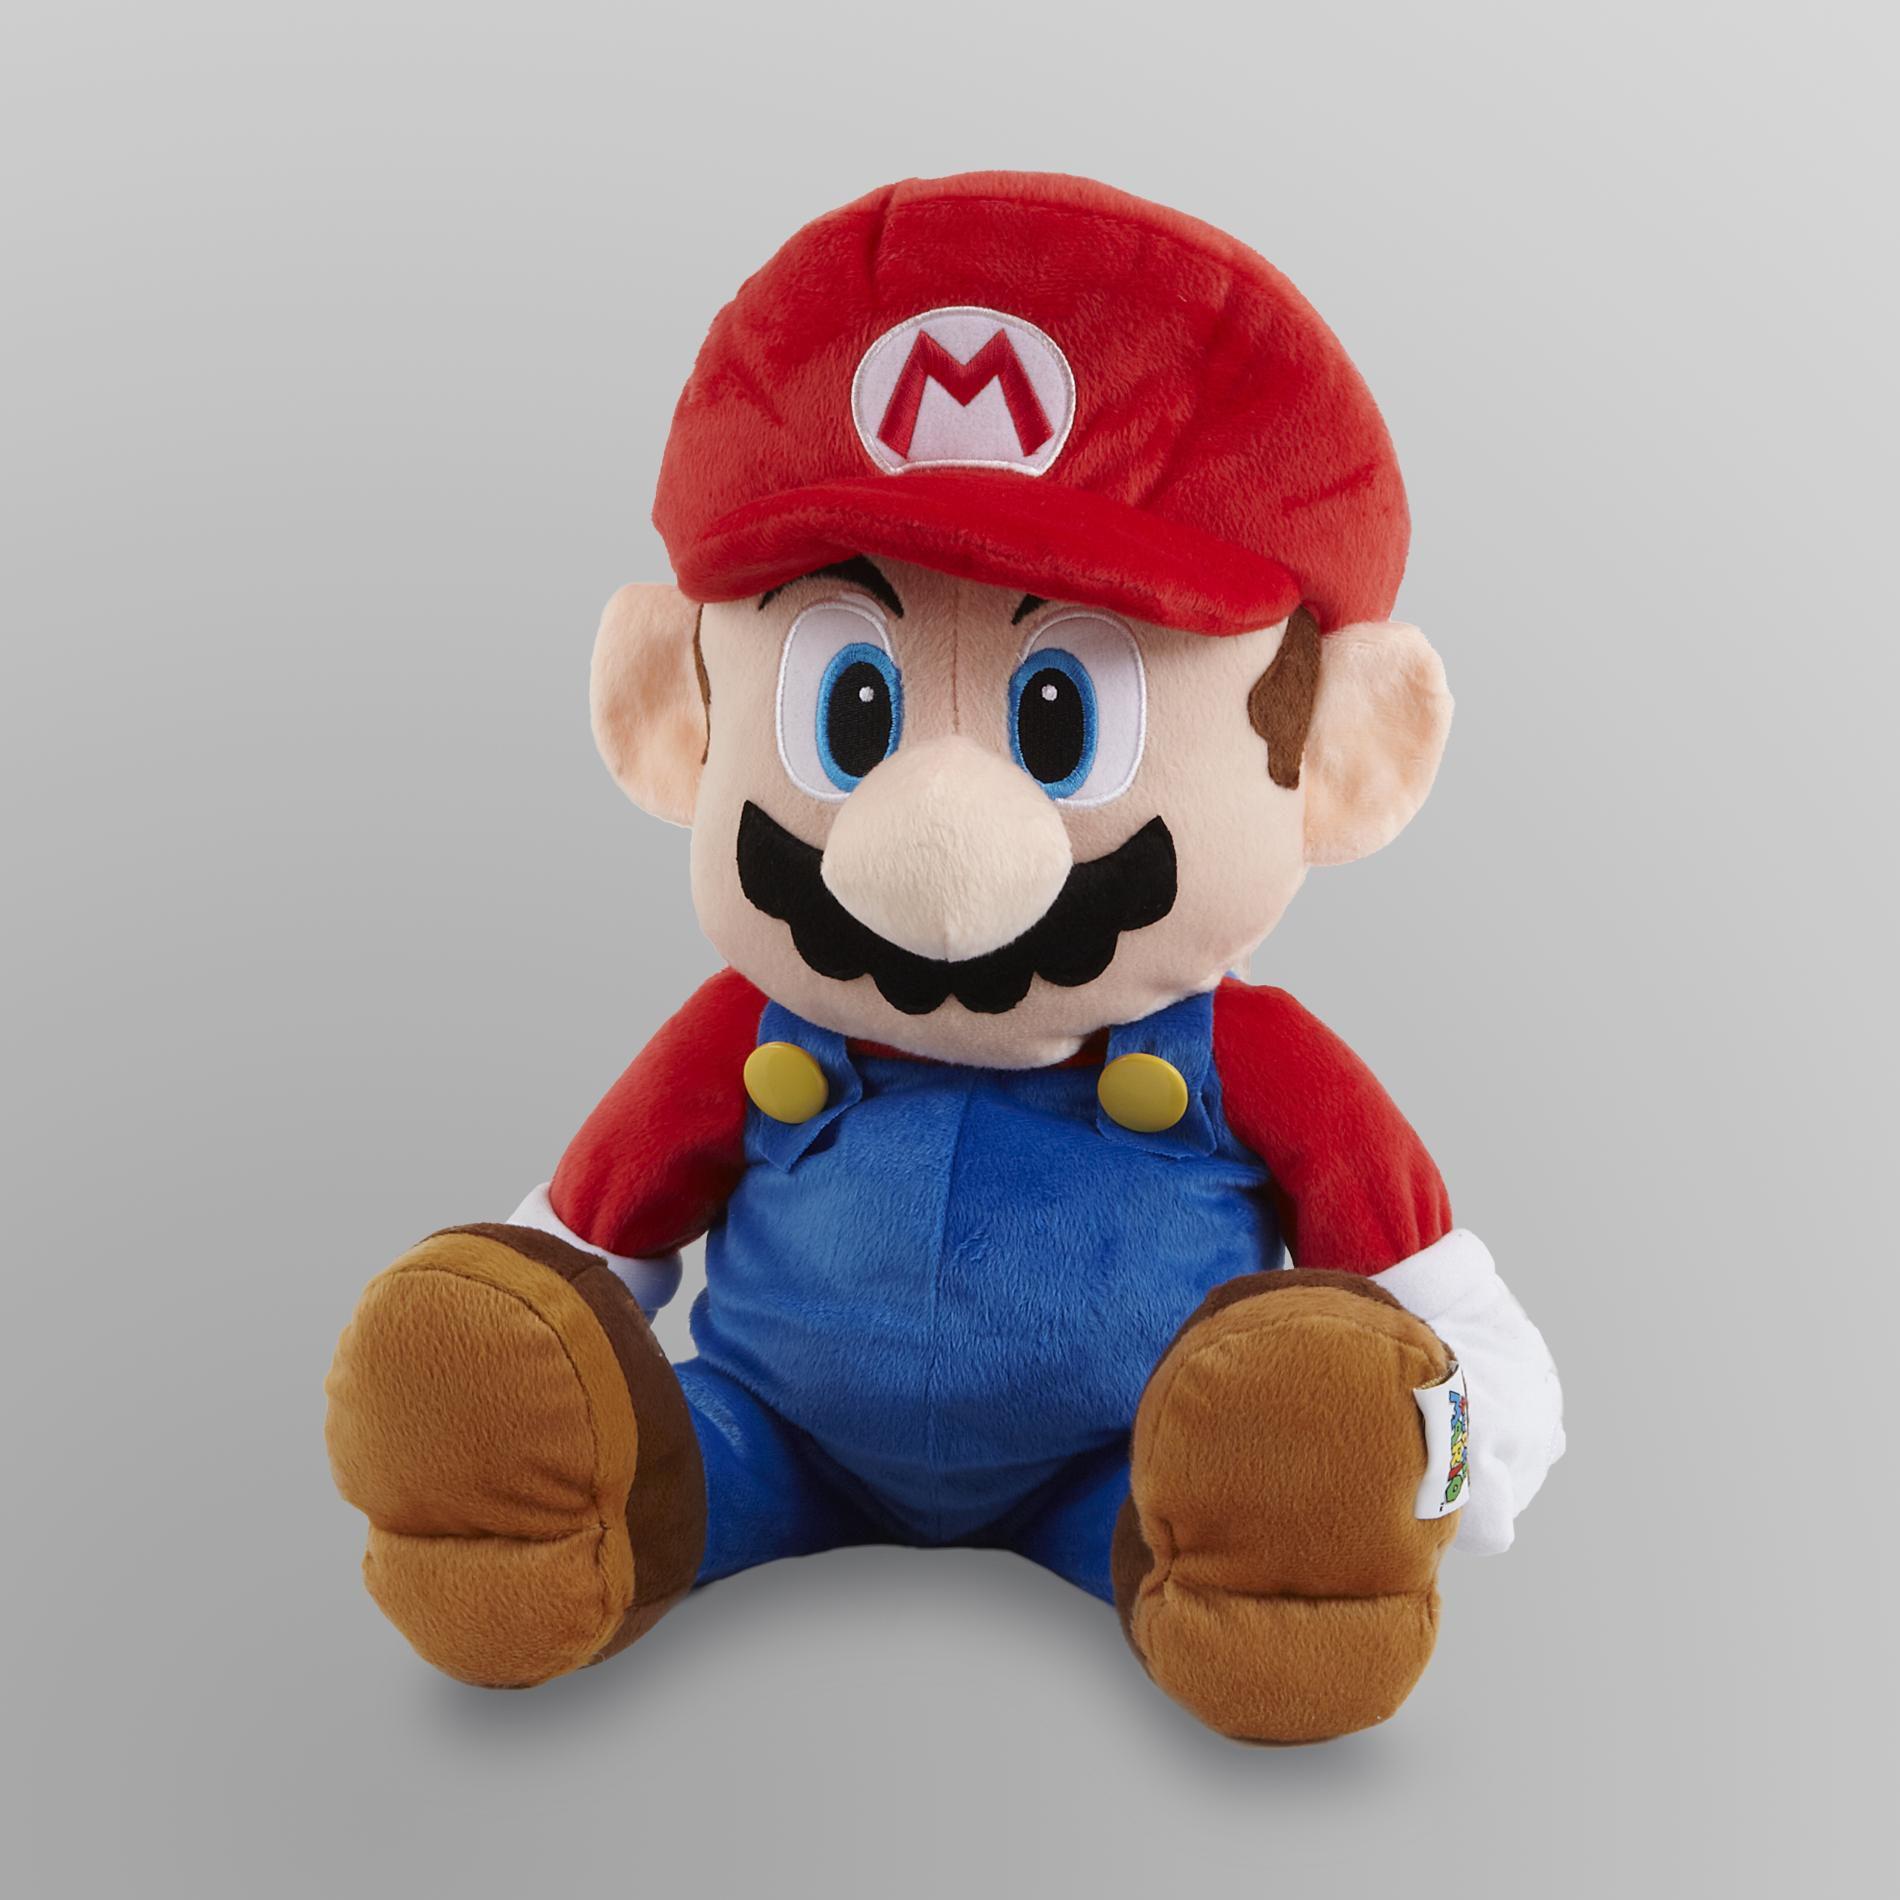 Super Mario Boy's Cuddle Pillow